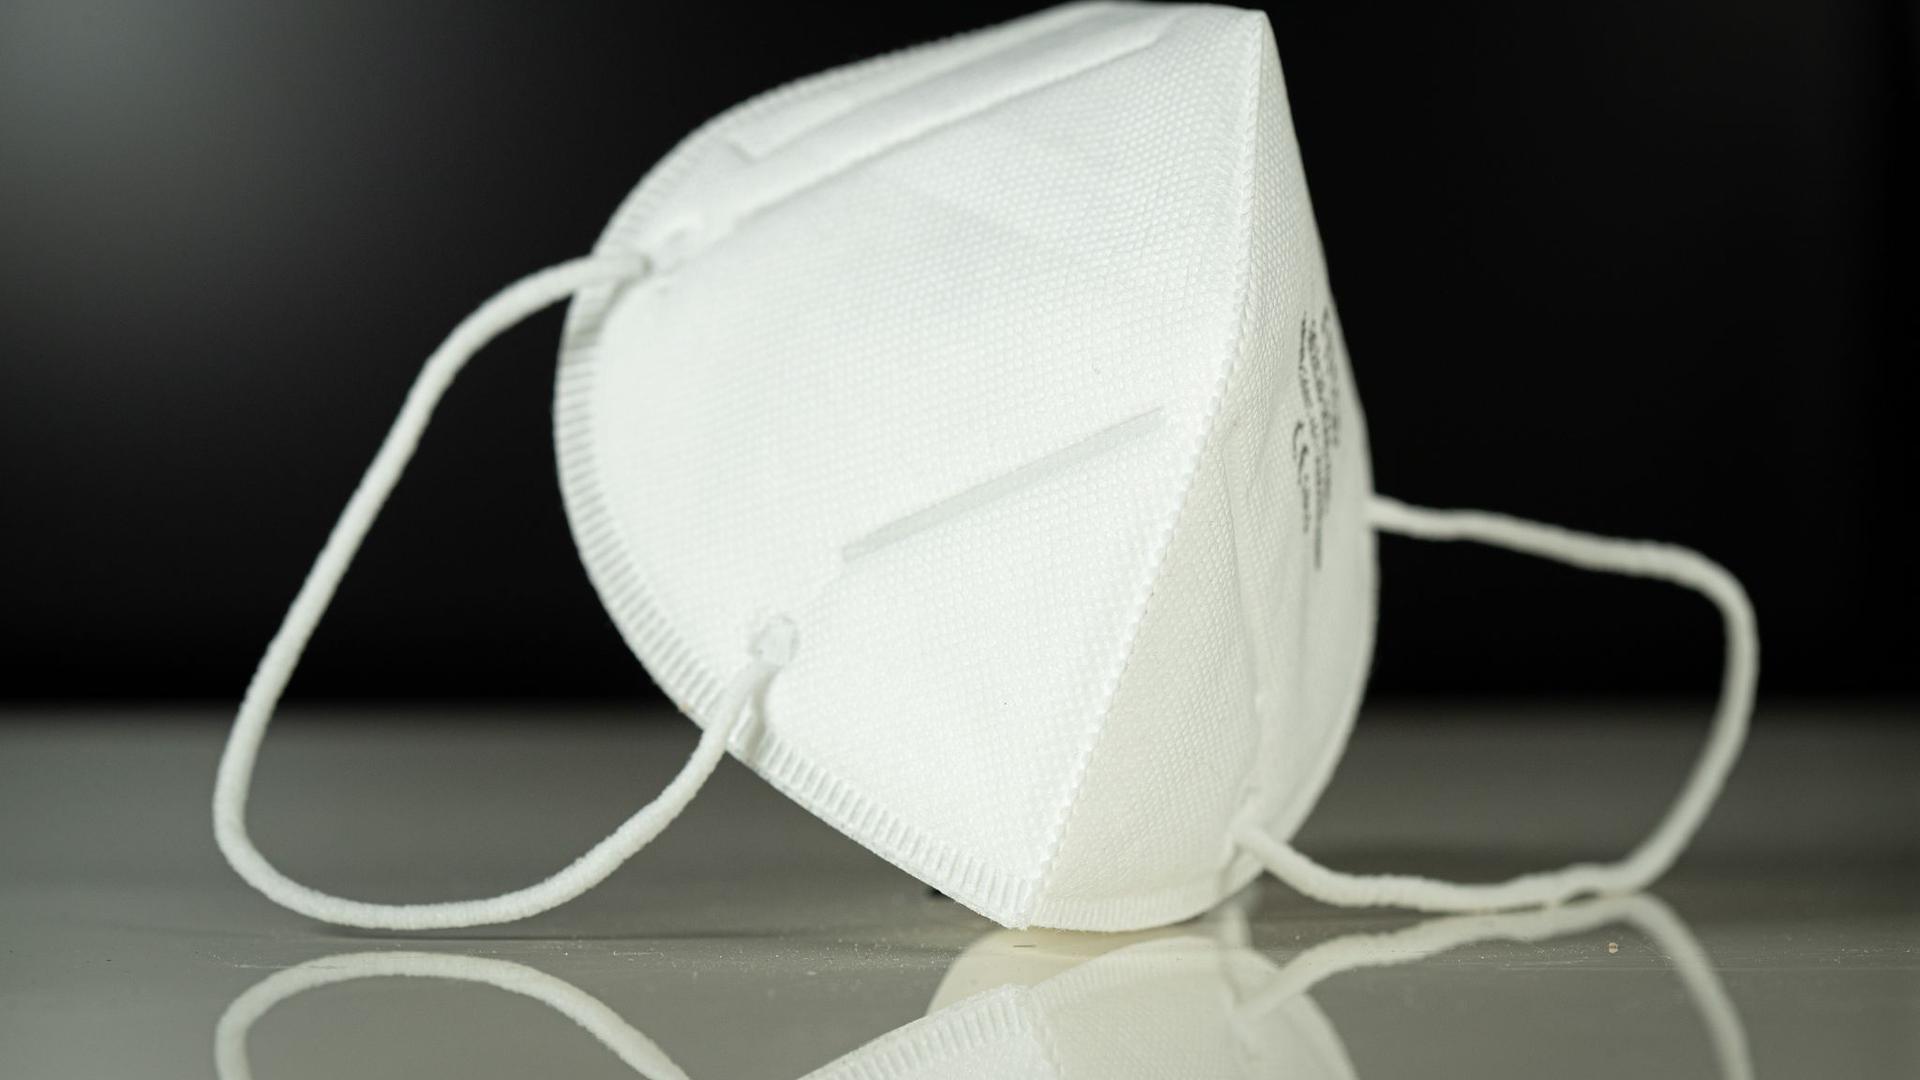 Aufnahme einer Atemschutzmaske vom Typ FFP3.